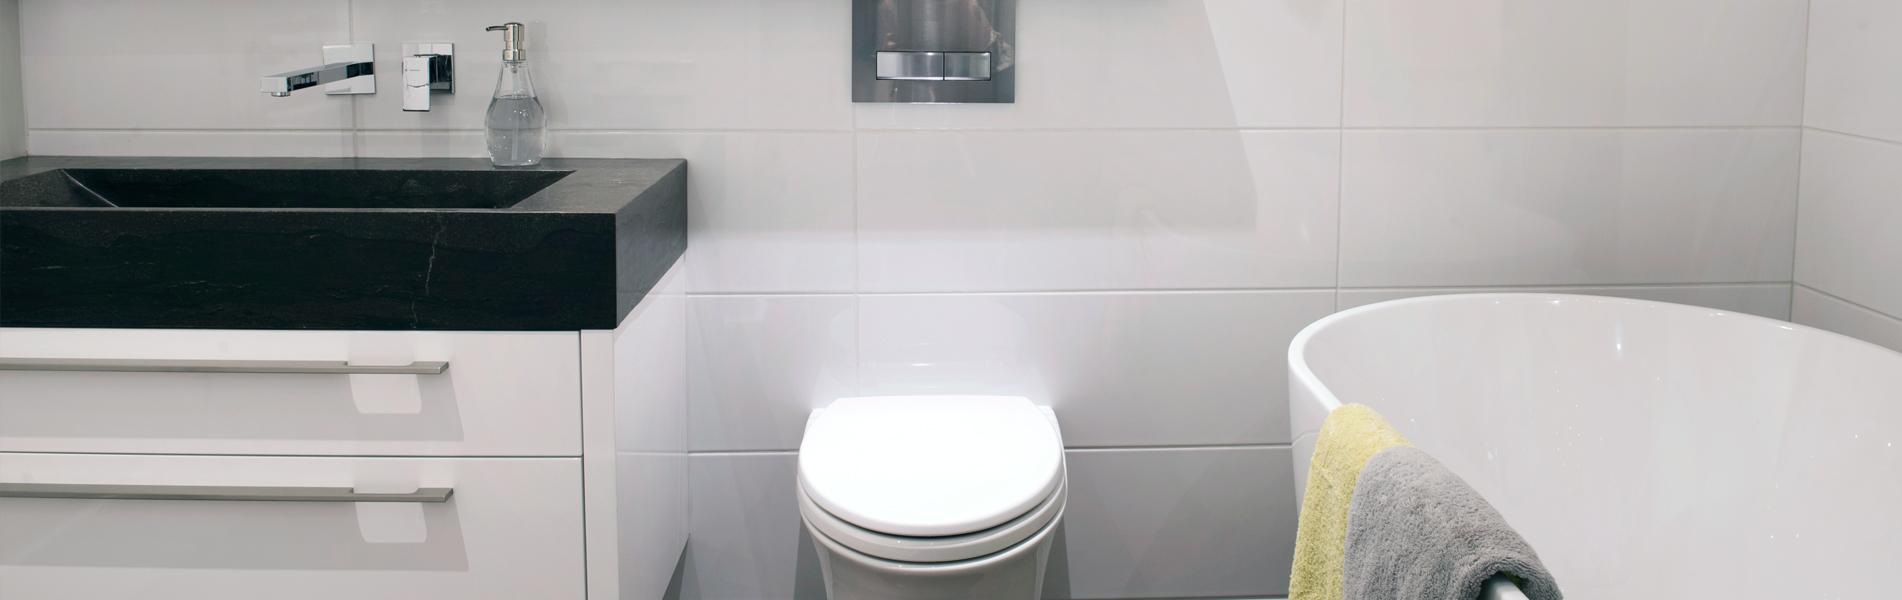 Vanite Salle De Bain Kijiji Mauricie ~ salles de bain cr ations folie bois rive sud salles de bain